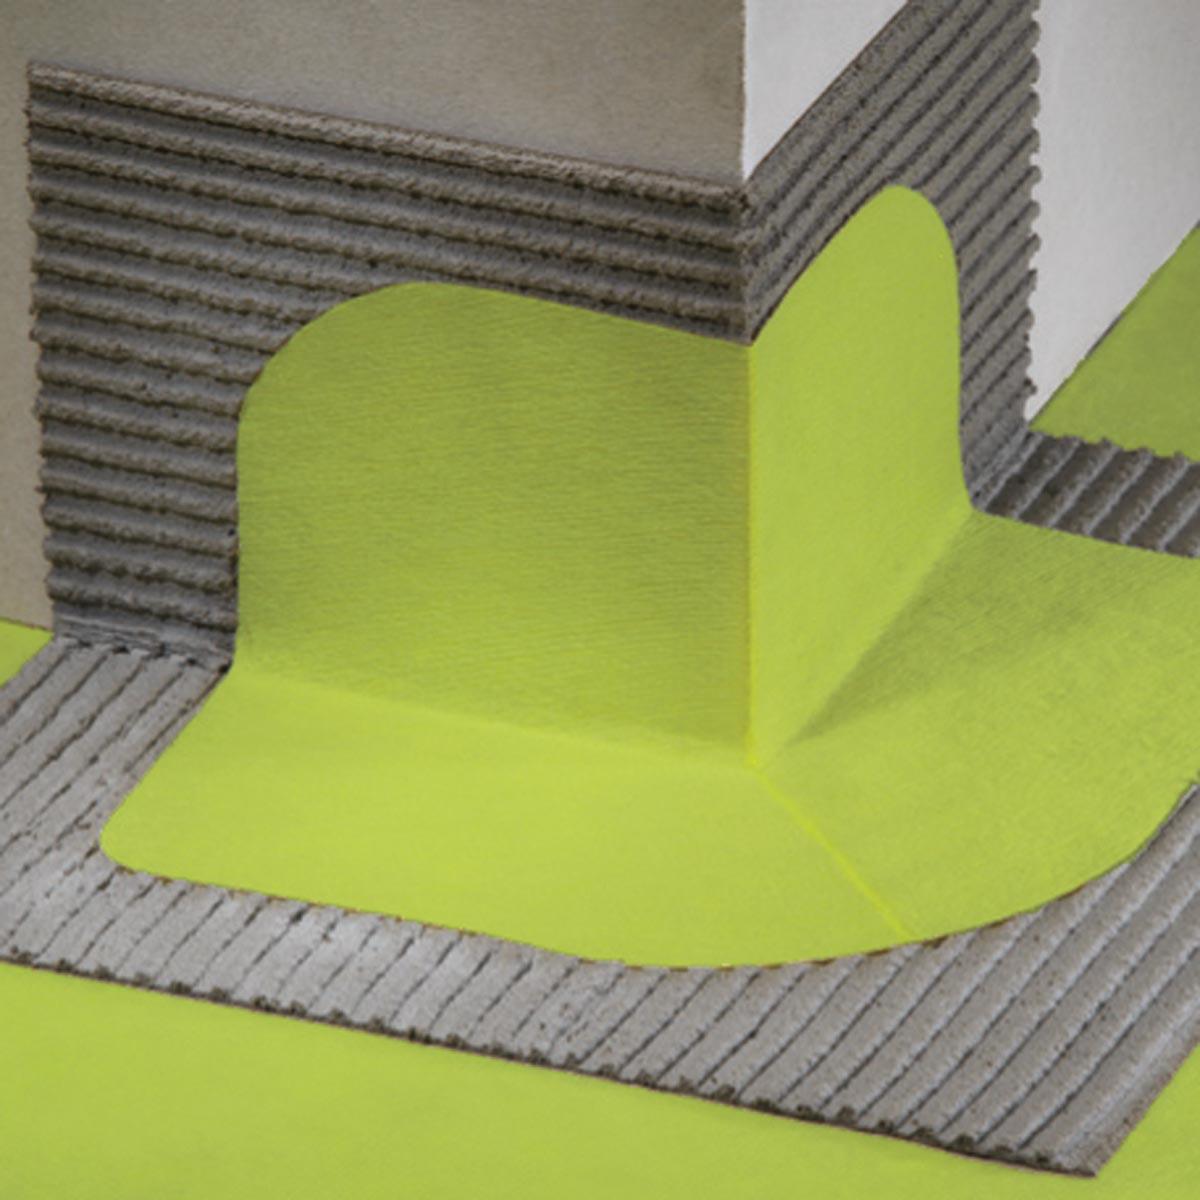 Membrane Membrana adesiva impermeabile per angoli Profilitec